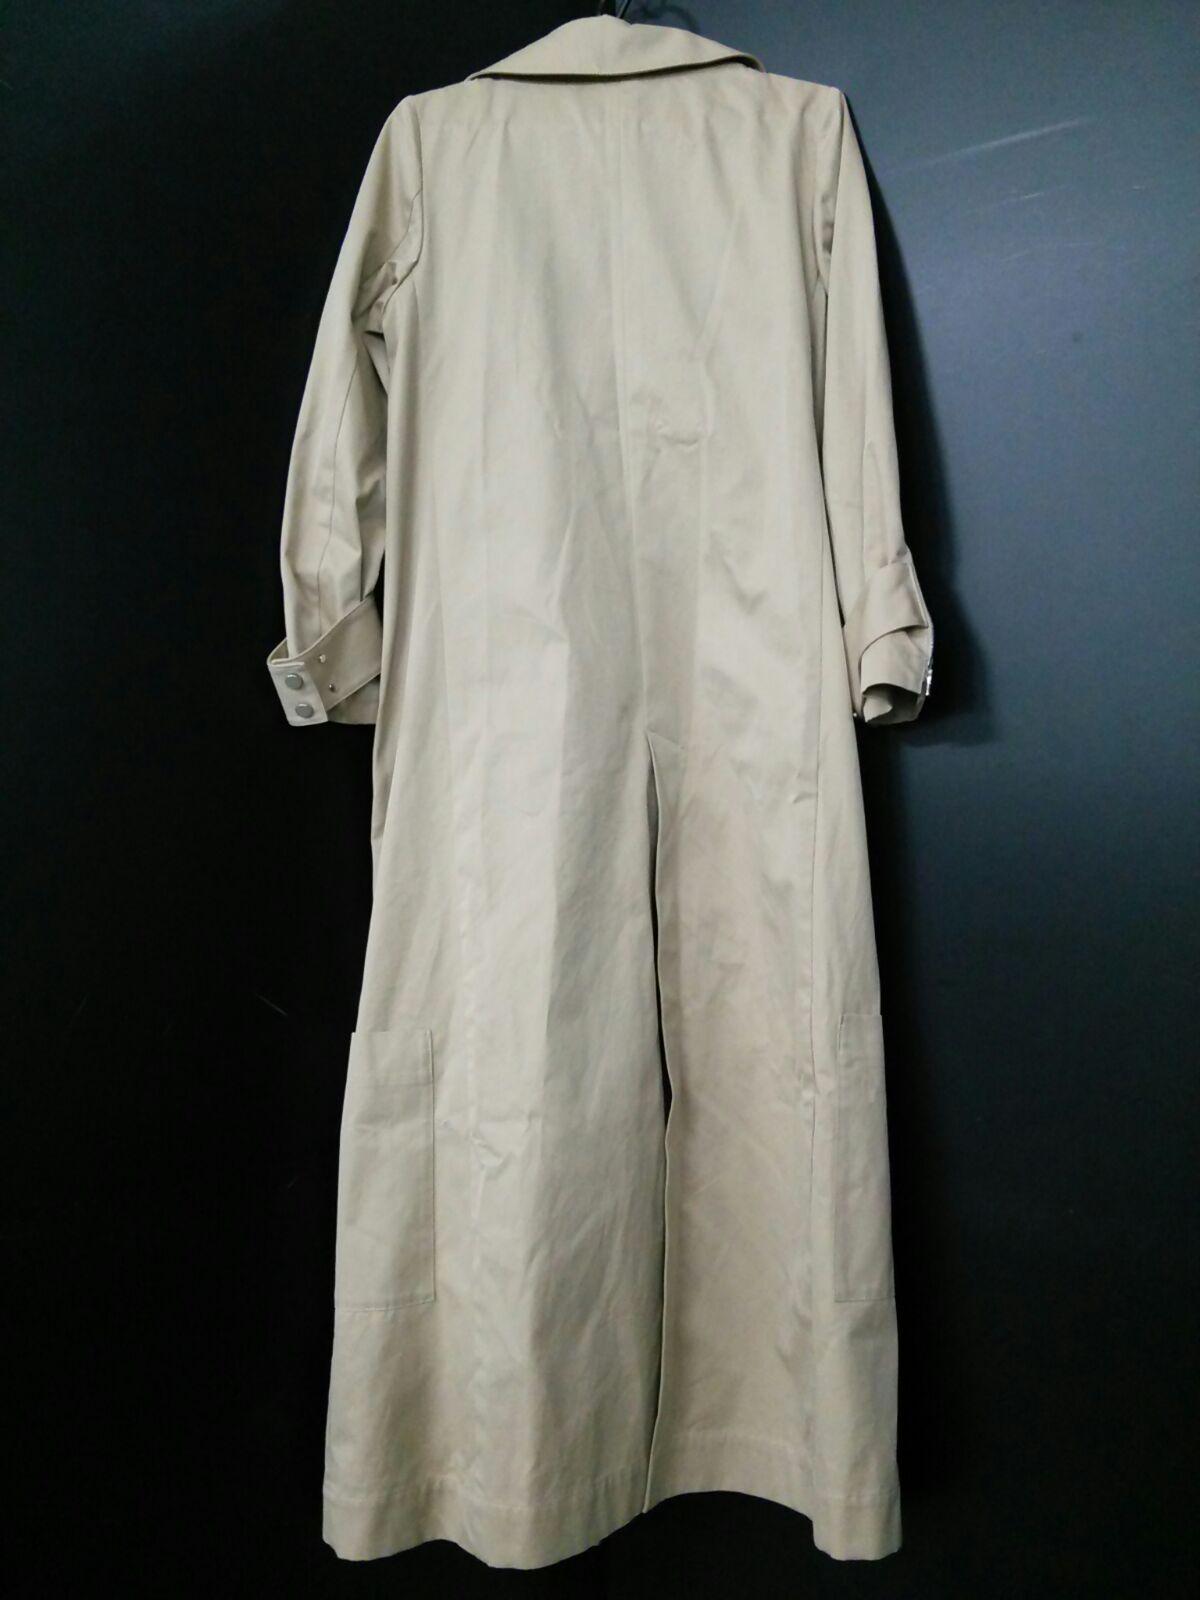 CINOH(チノ)のコート